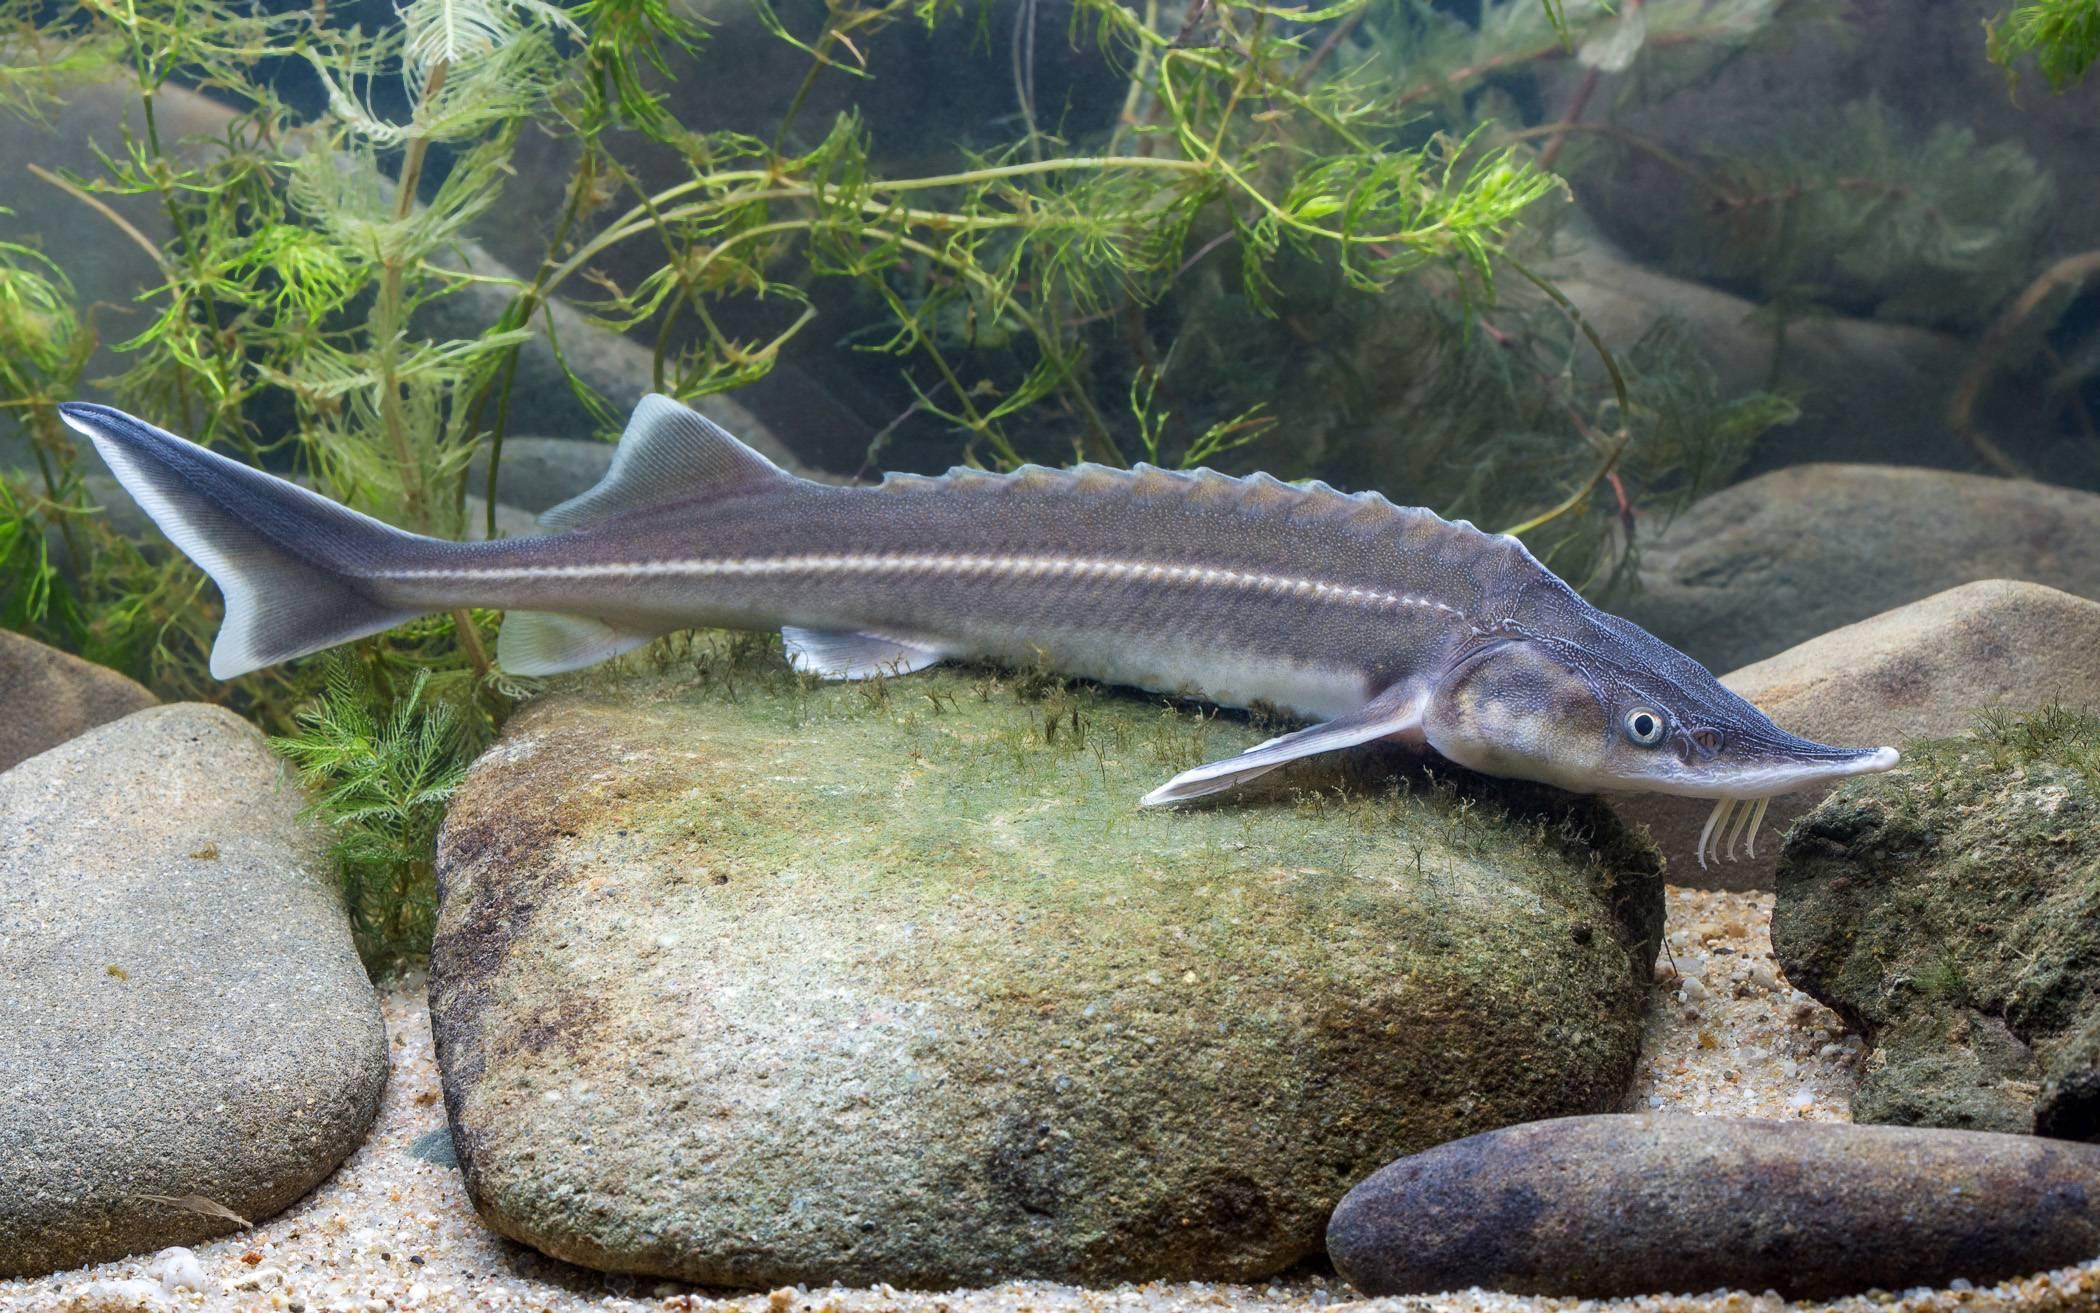 Семейство осетровых видов рыб: список самых популярных осетров, описание и фото